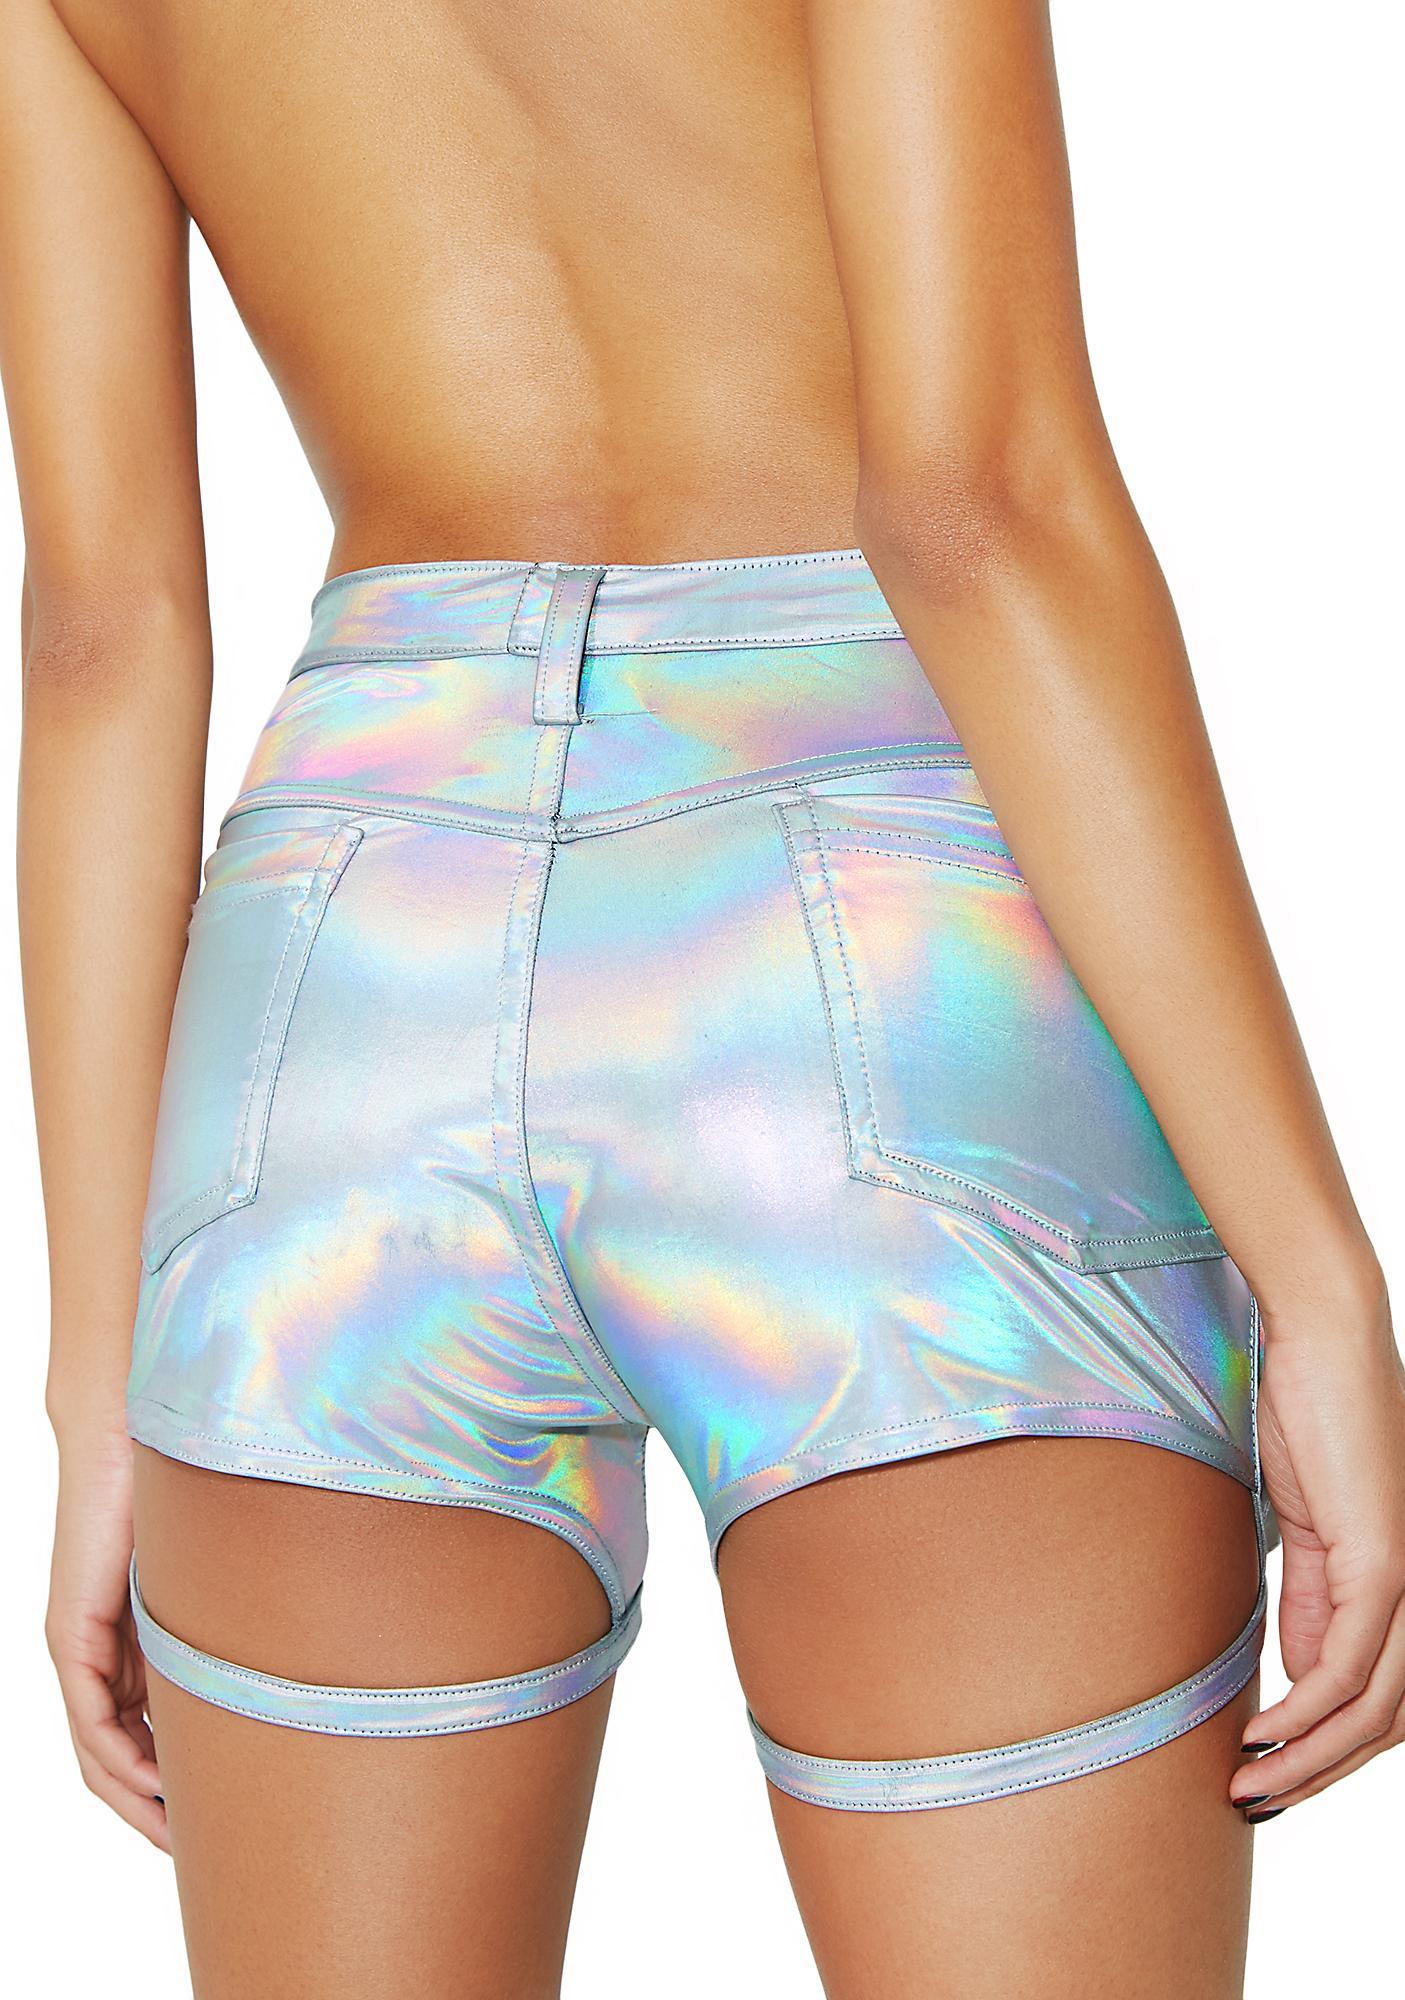 ESQAPE Motlii Hologram Shorts